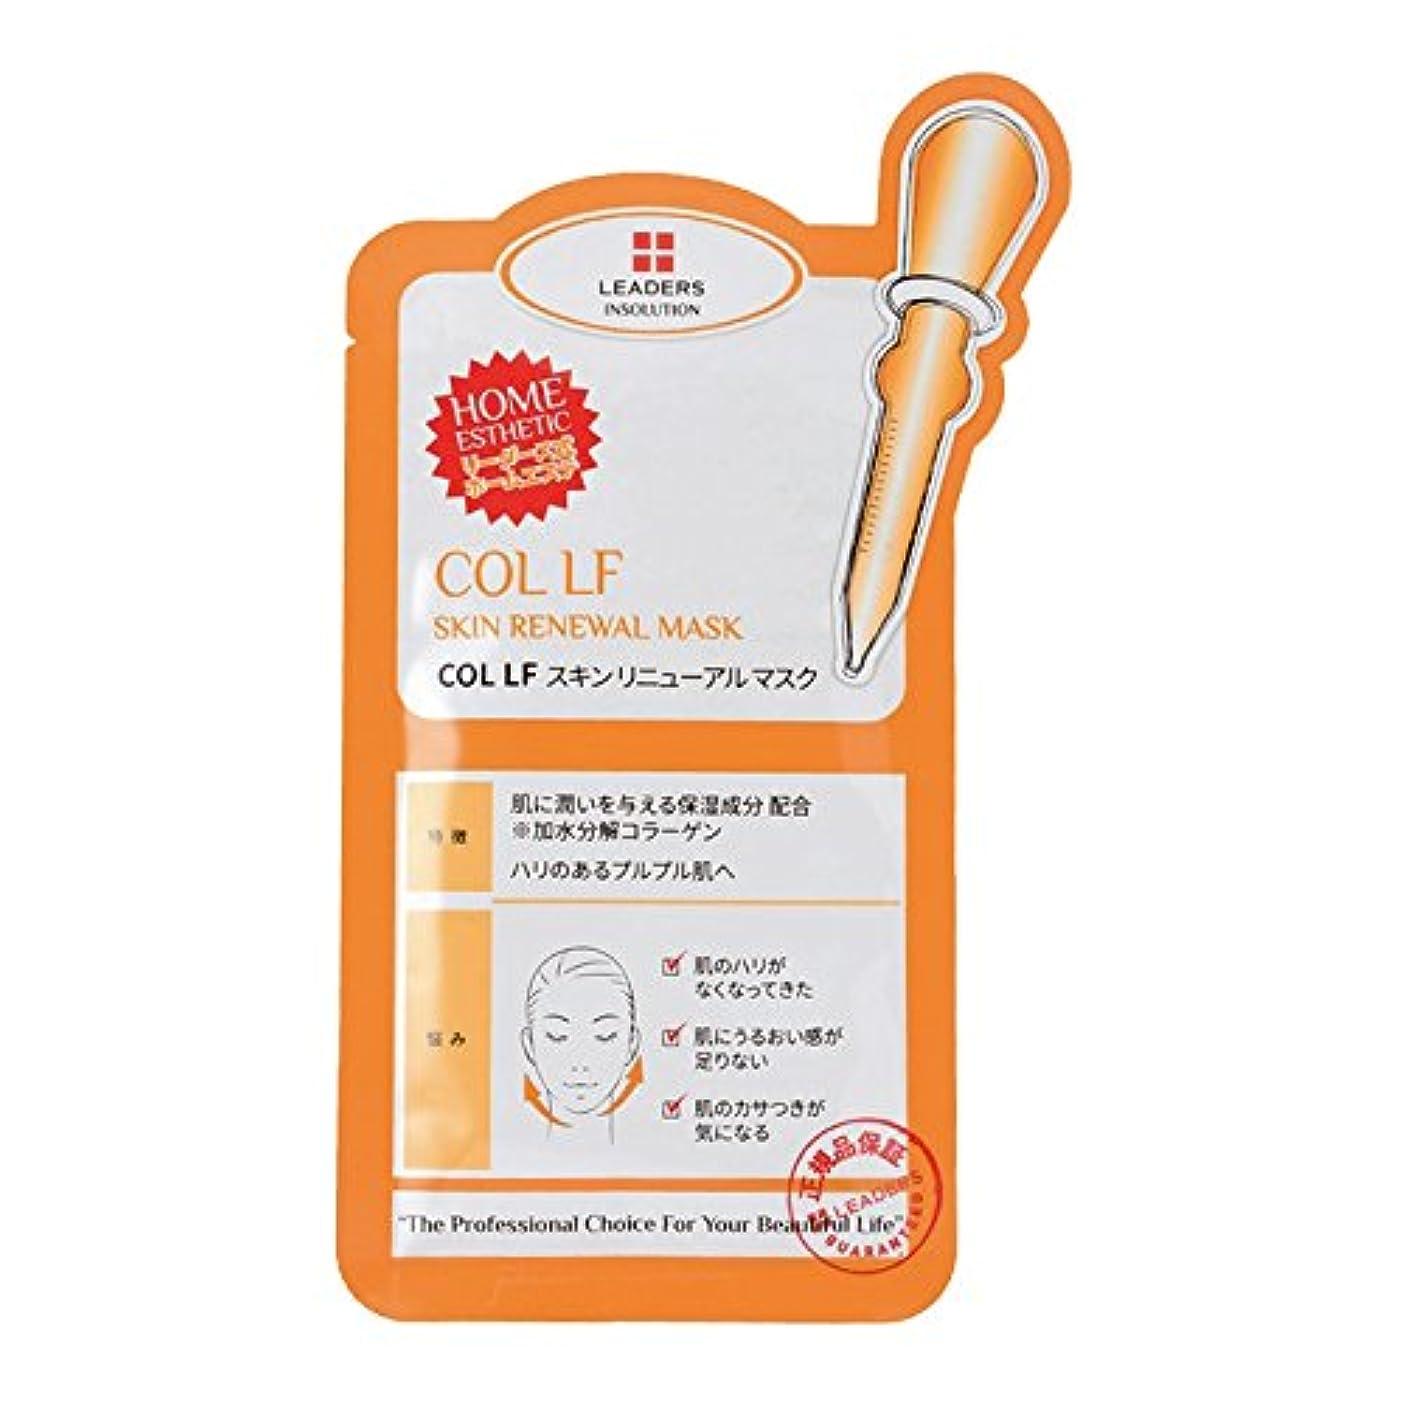 準備したハッチワイン日本限定版 国内正規品 LEADERS リーダース コラーゲンリフティング スキンリニュアル マスク 1枚 25ml ハリ ツヤ エイジングケア